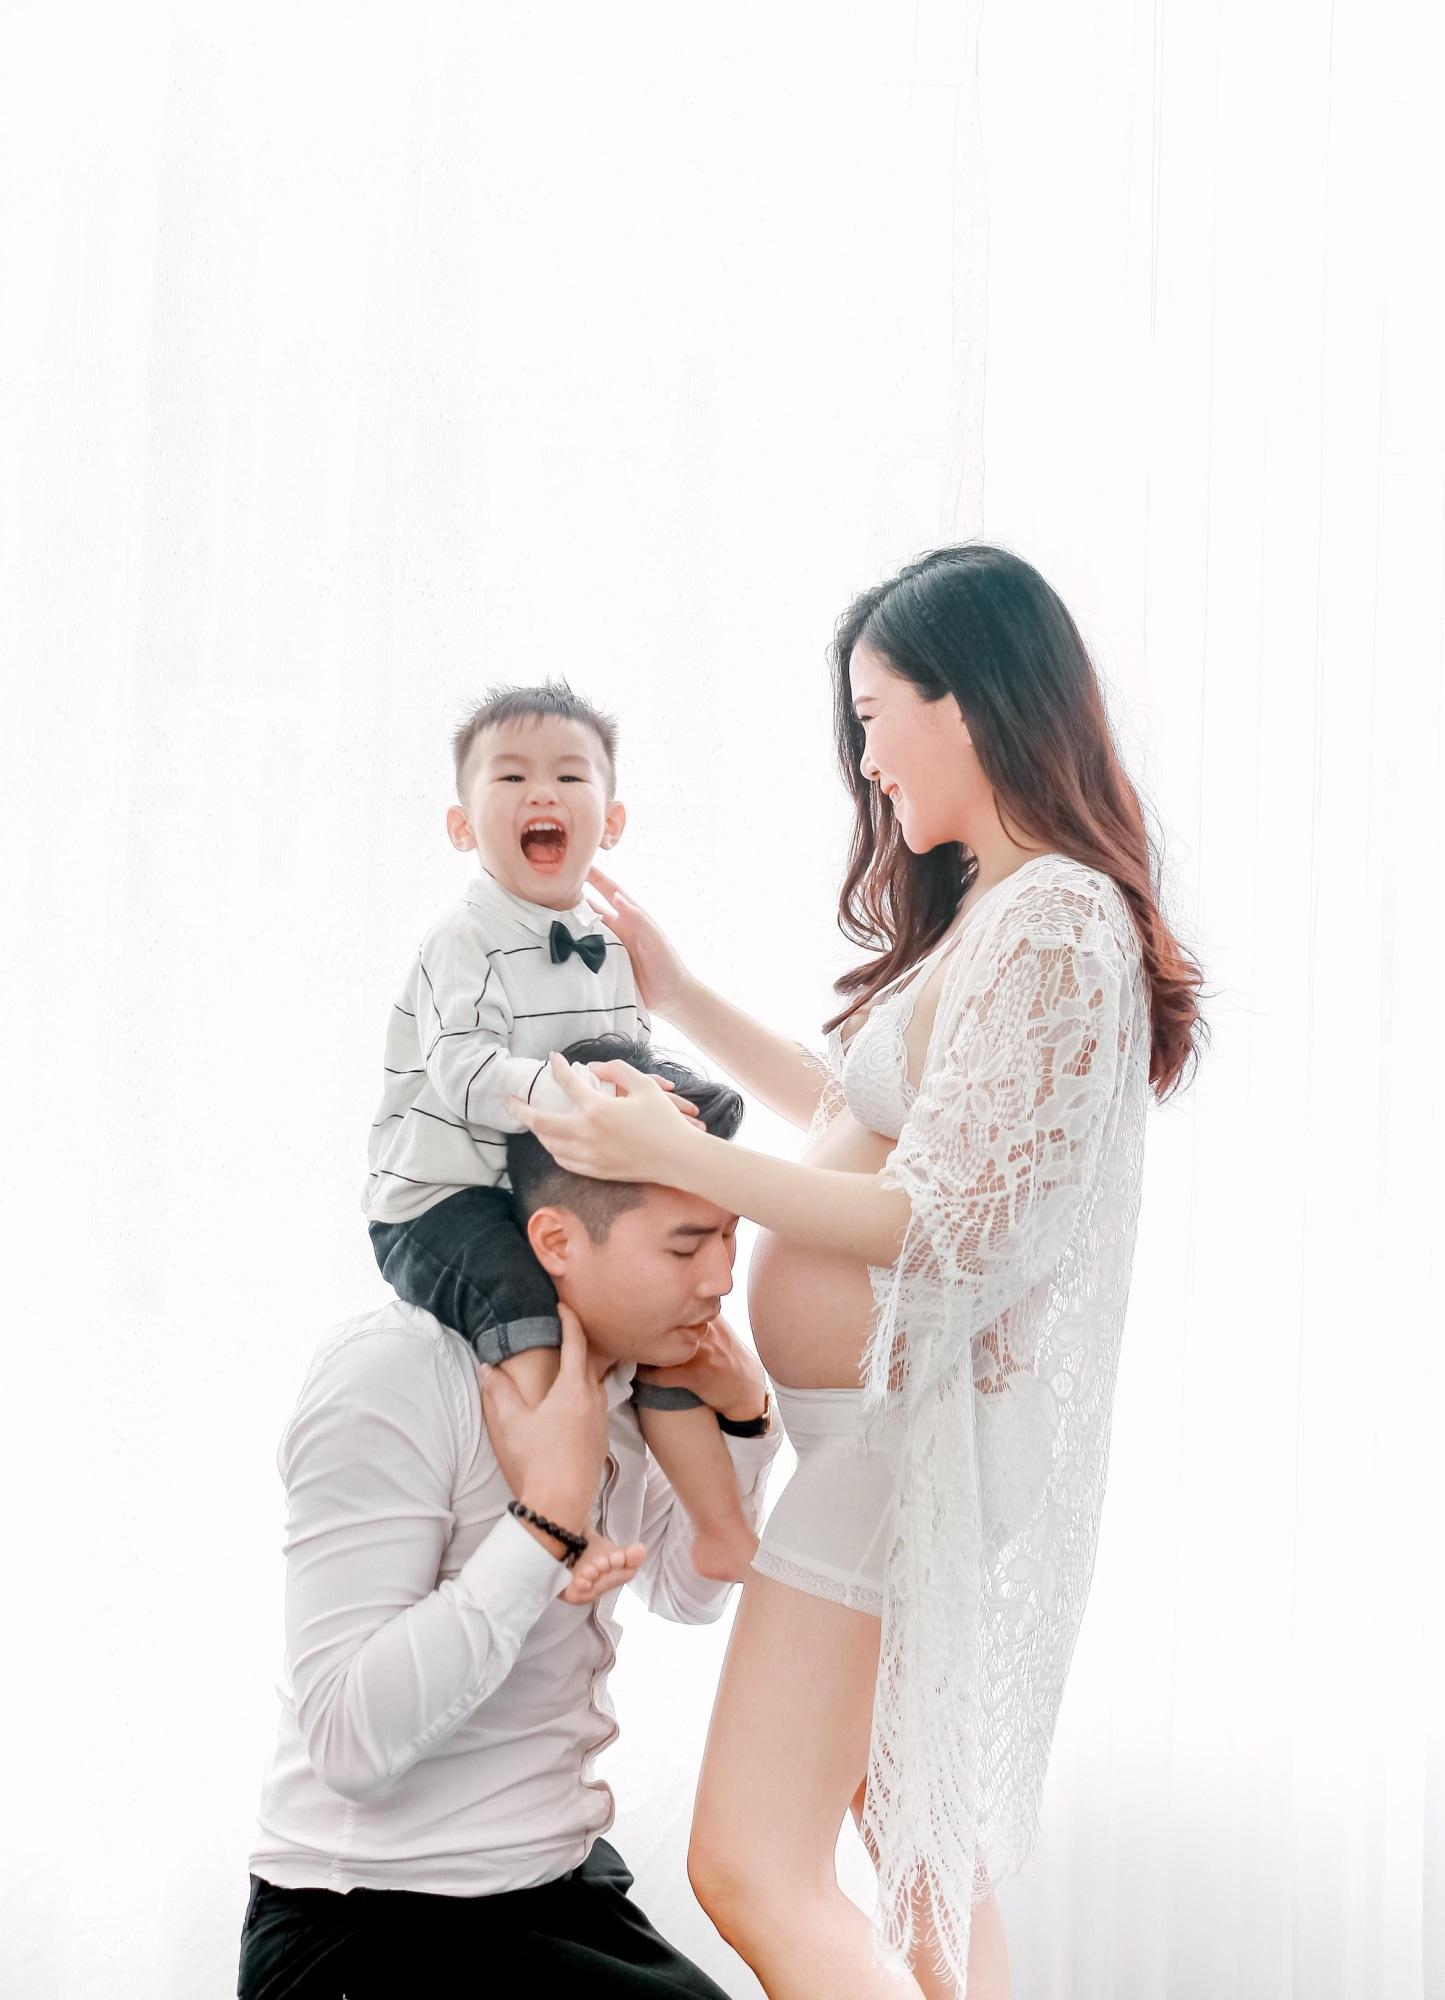 Đánh răng, uống nước lọc cũng buồn nôn và bí quyết giảm nghén đơn giản mà hiệu quả của mẹ bầu Hà Nội - Ảnh 6